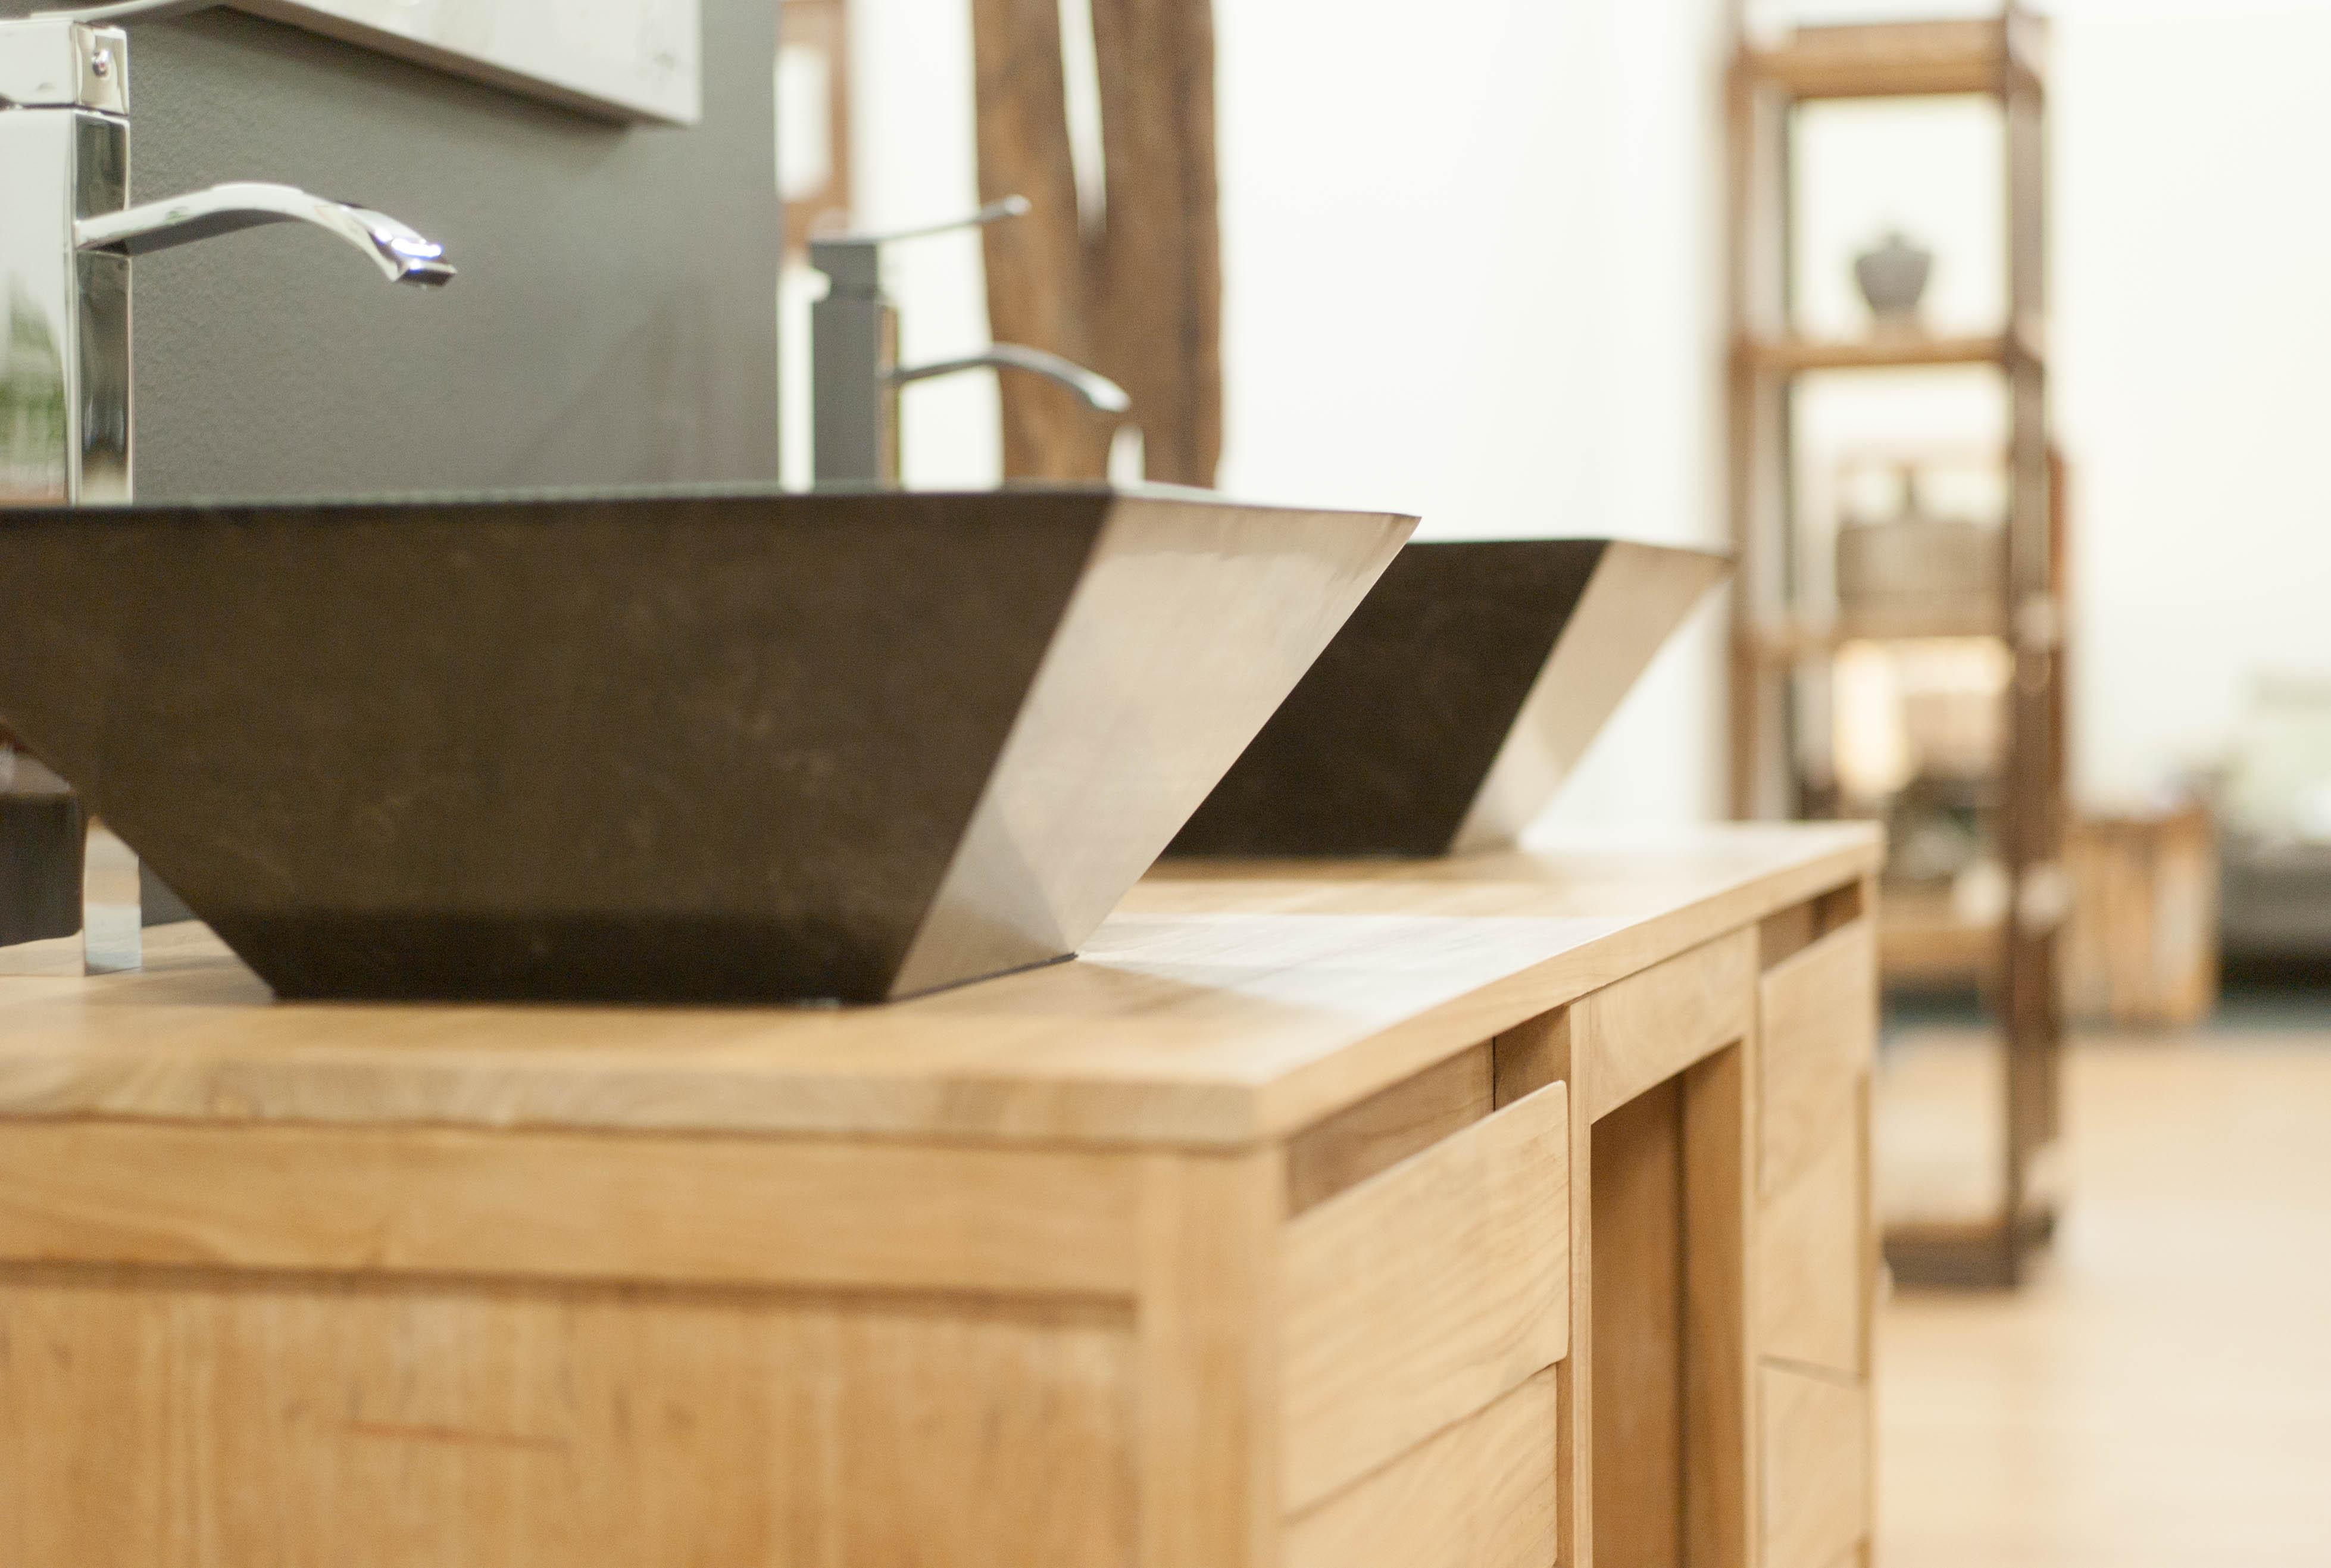 Salle de bain en teck : meubles et accessoires décoratifs